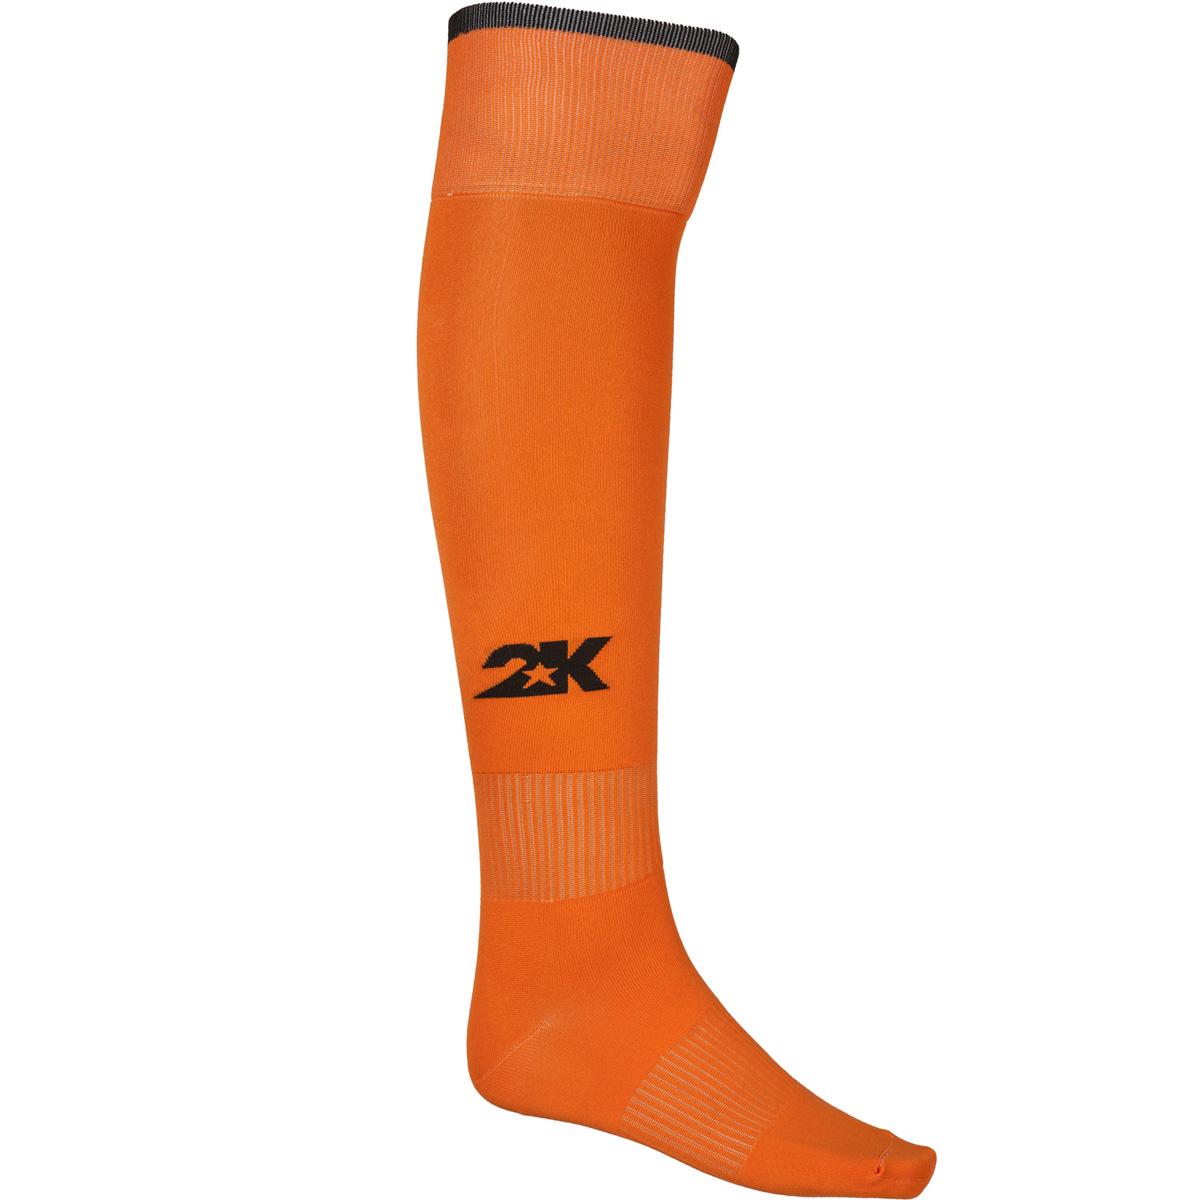 Гетры футбольные 2K Sport Classic, цвет: оранжевый, черный. 120334. Размер 41/46120334_orange/blackКлассические футбольные гетры выполнены из высококачественного материала. Оформлены логотипом бренда.